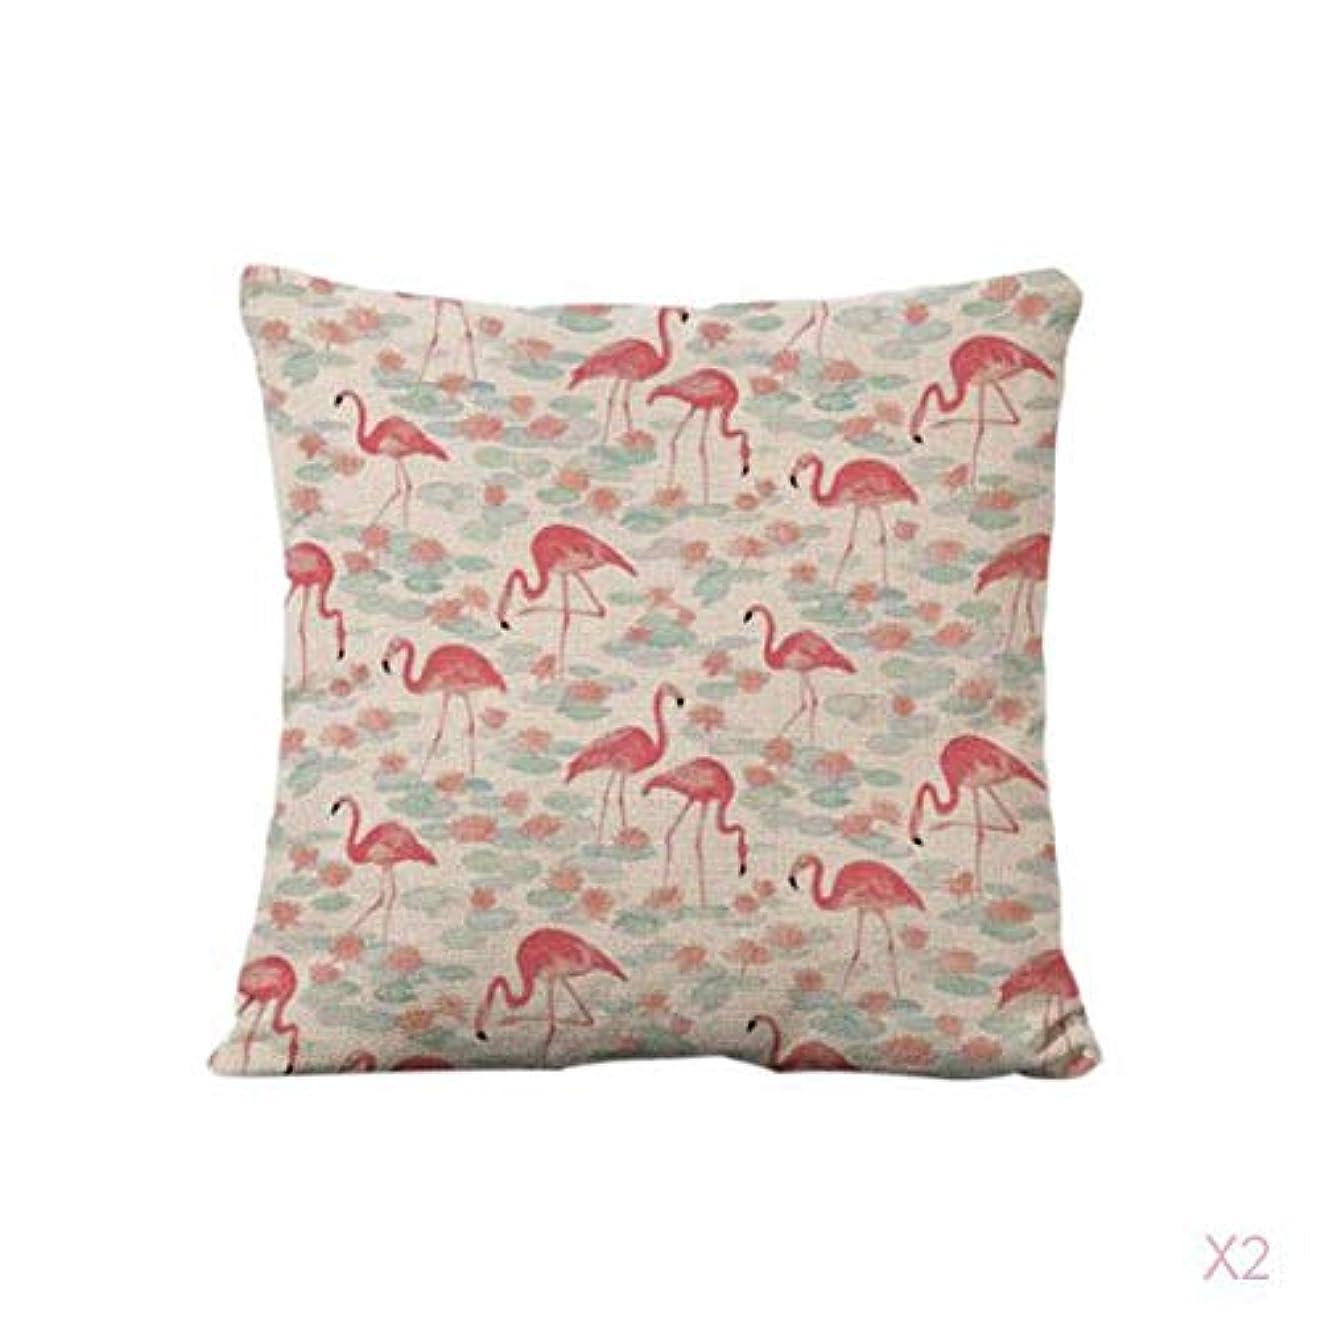 予知アフリカ人肝FutuHome コットンリネンスロー枕カバークッションカバーソファ家の装飾フラミンゴ#2